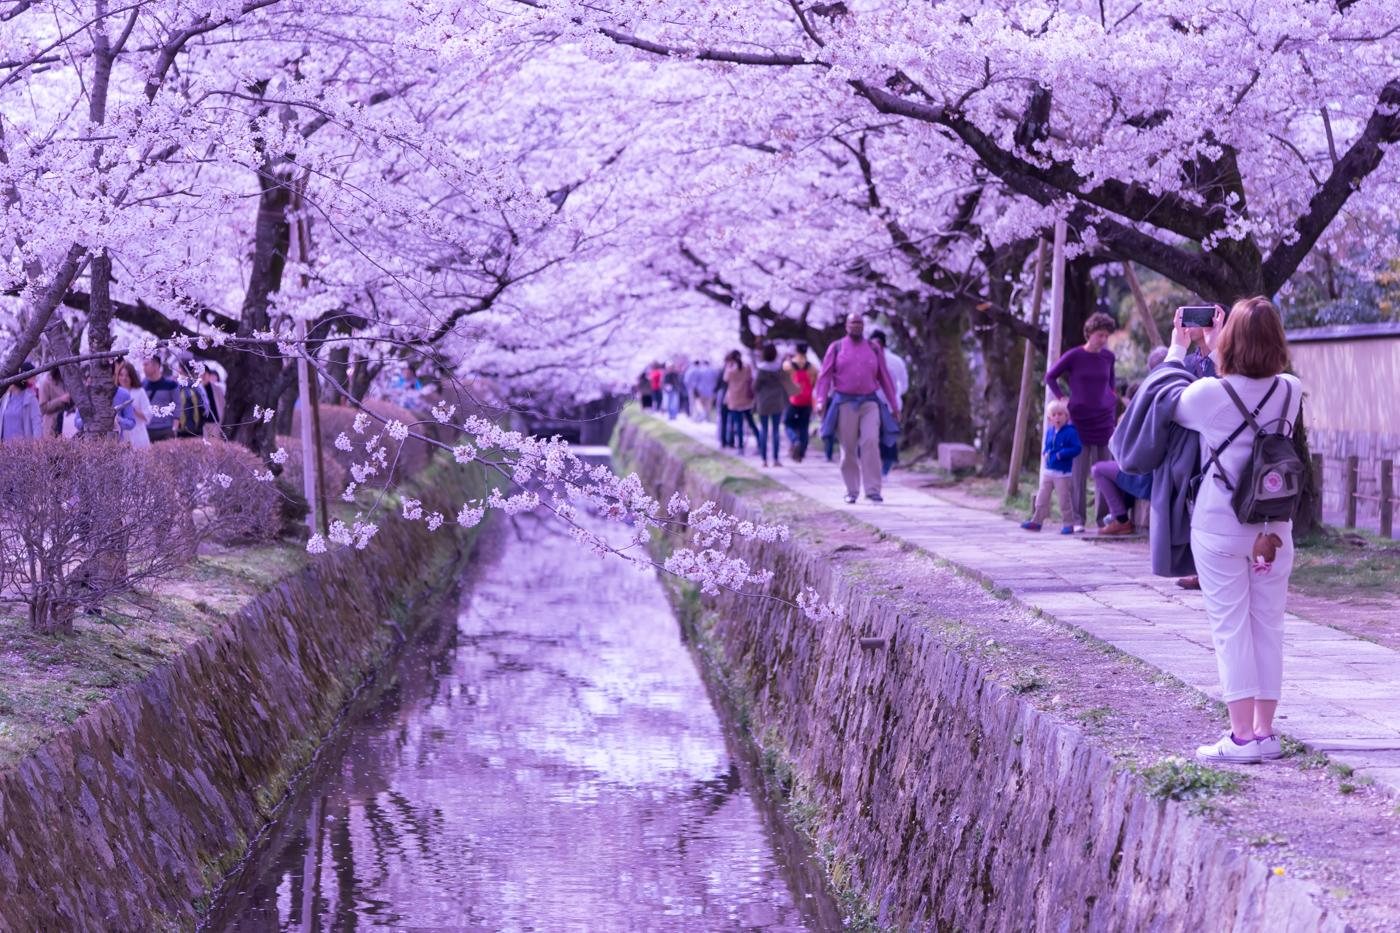 京都 桜 哲学の道 アイキャッチ画像